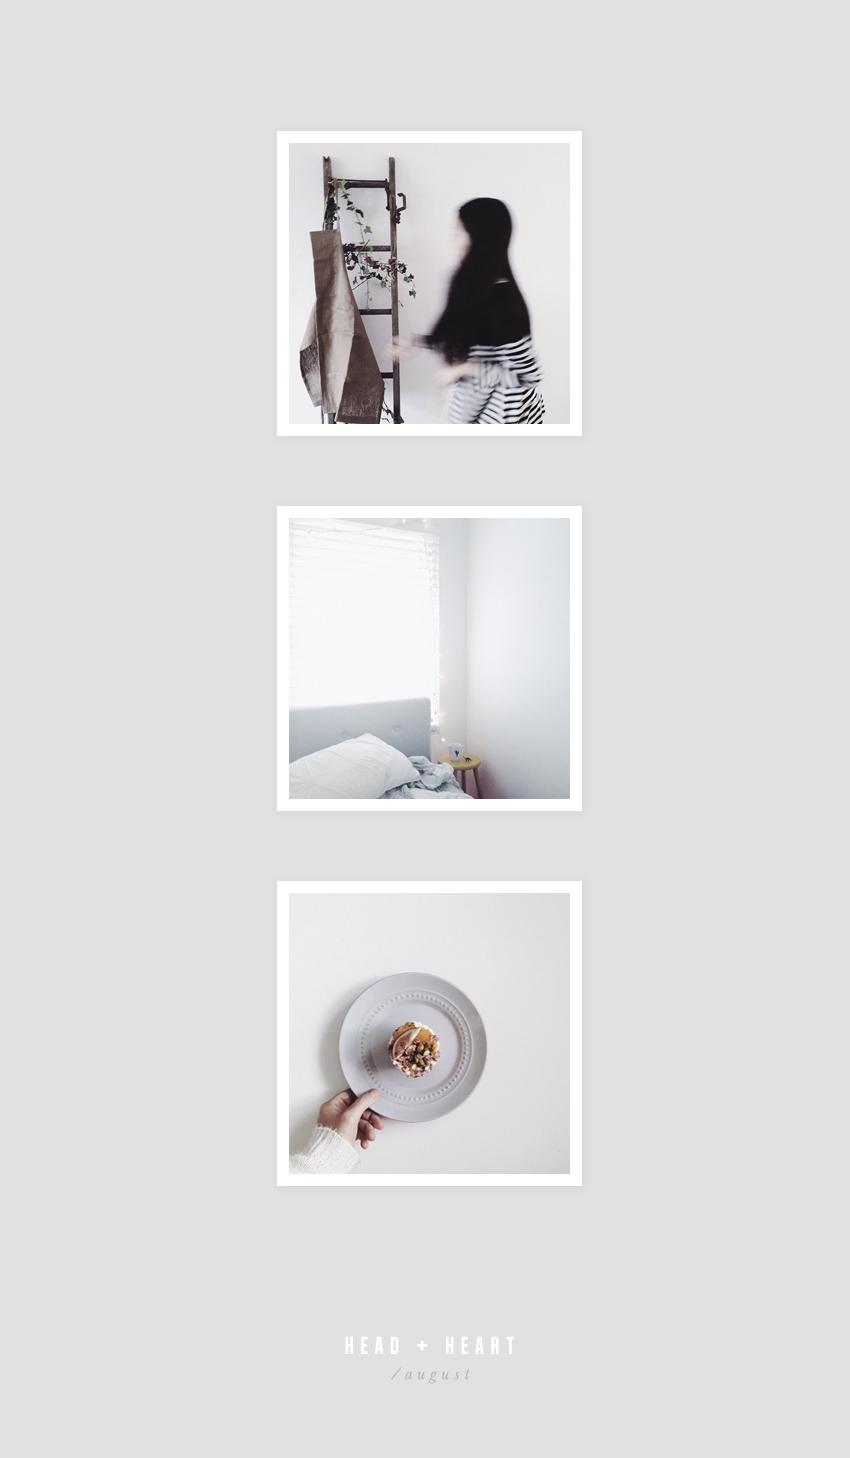 Head + Heart | Erika Rax